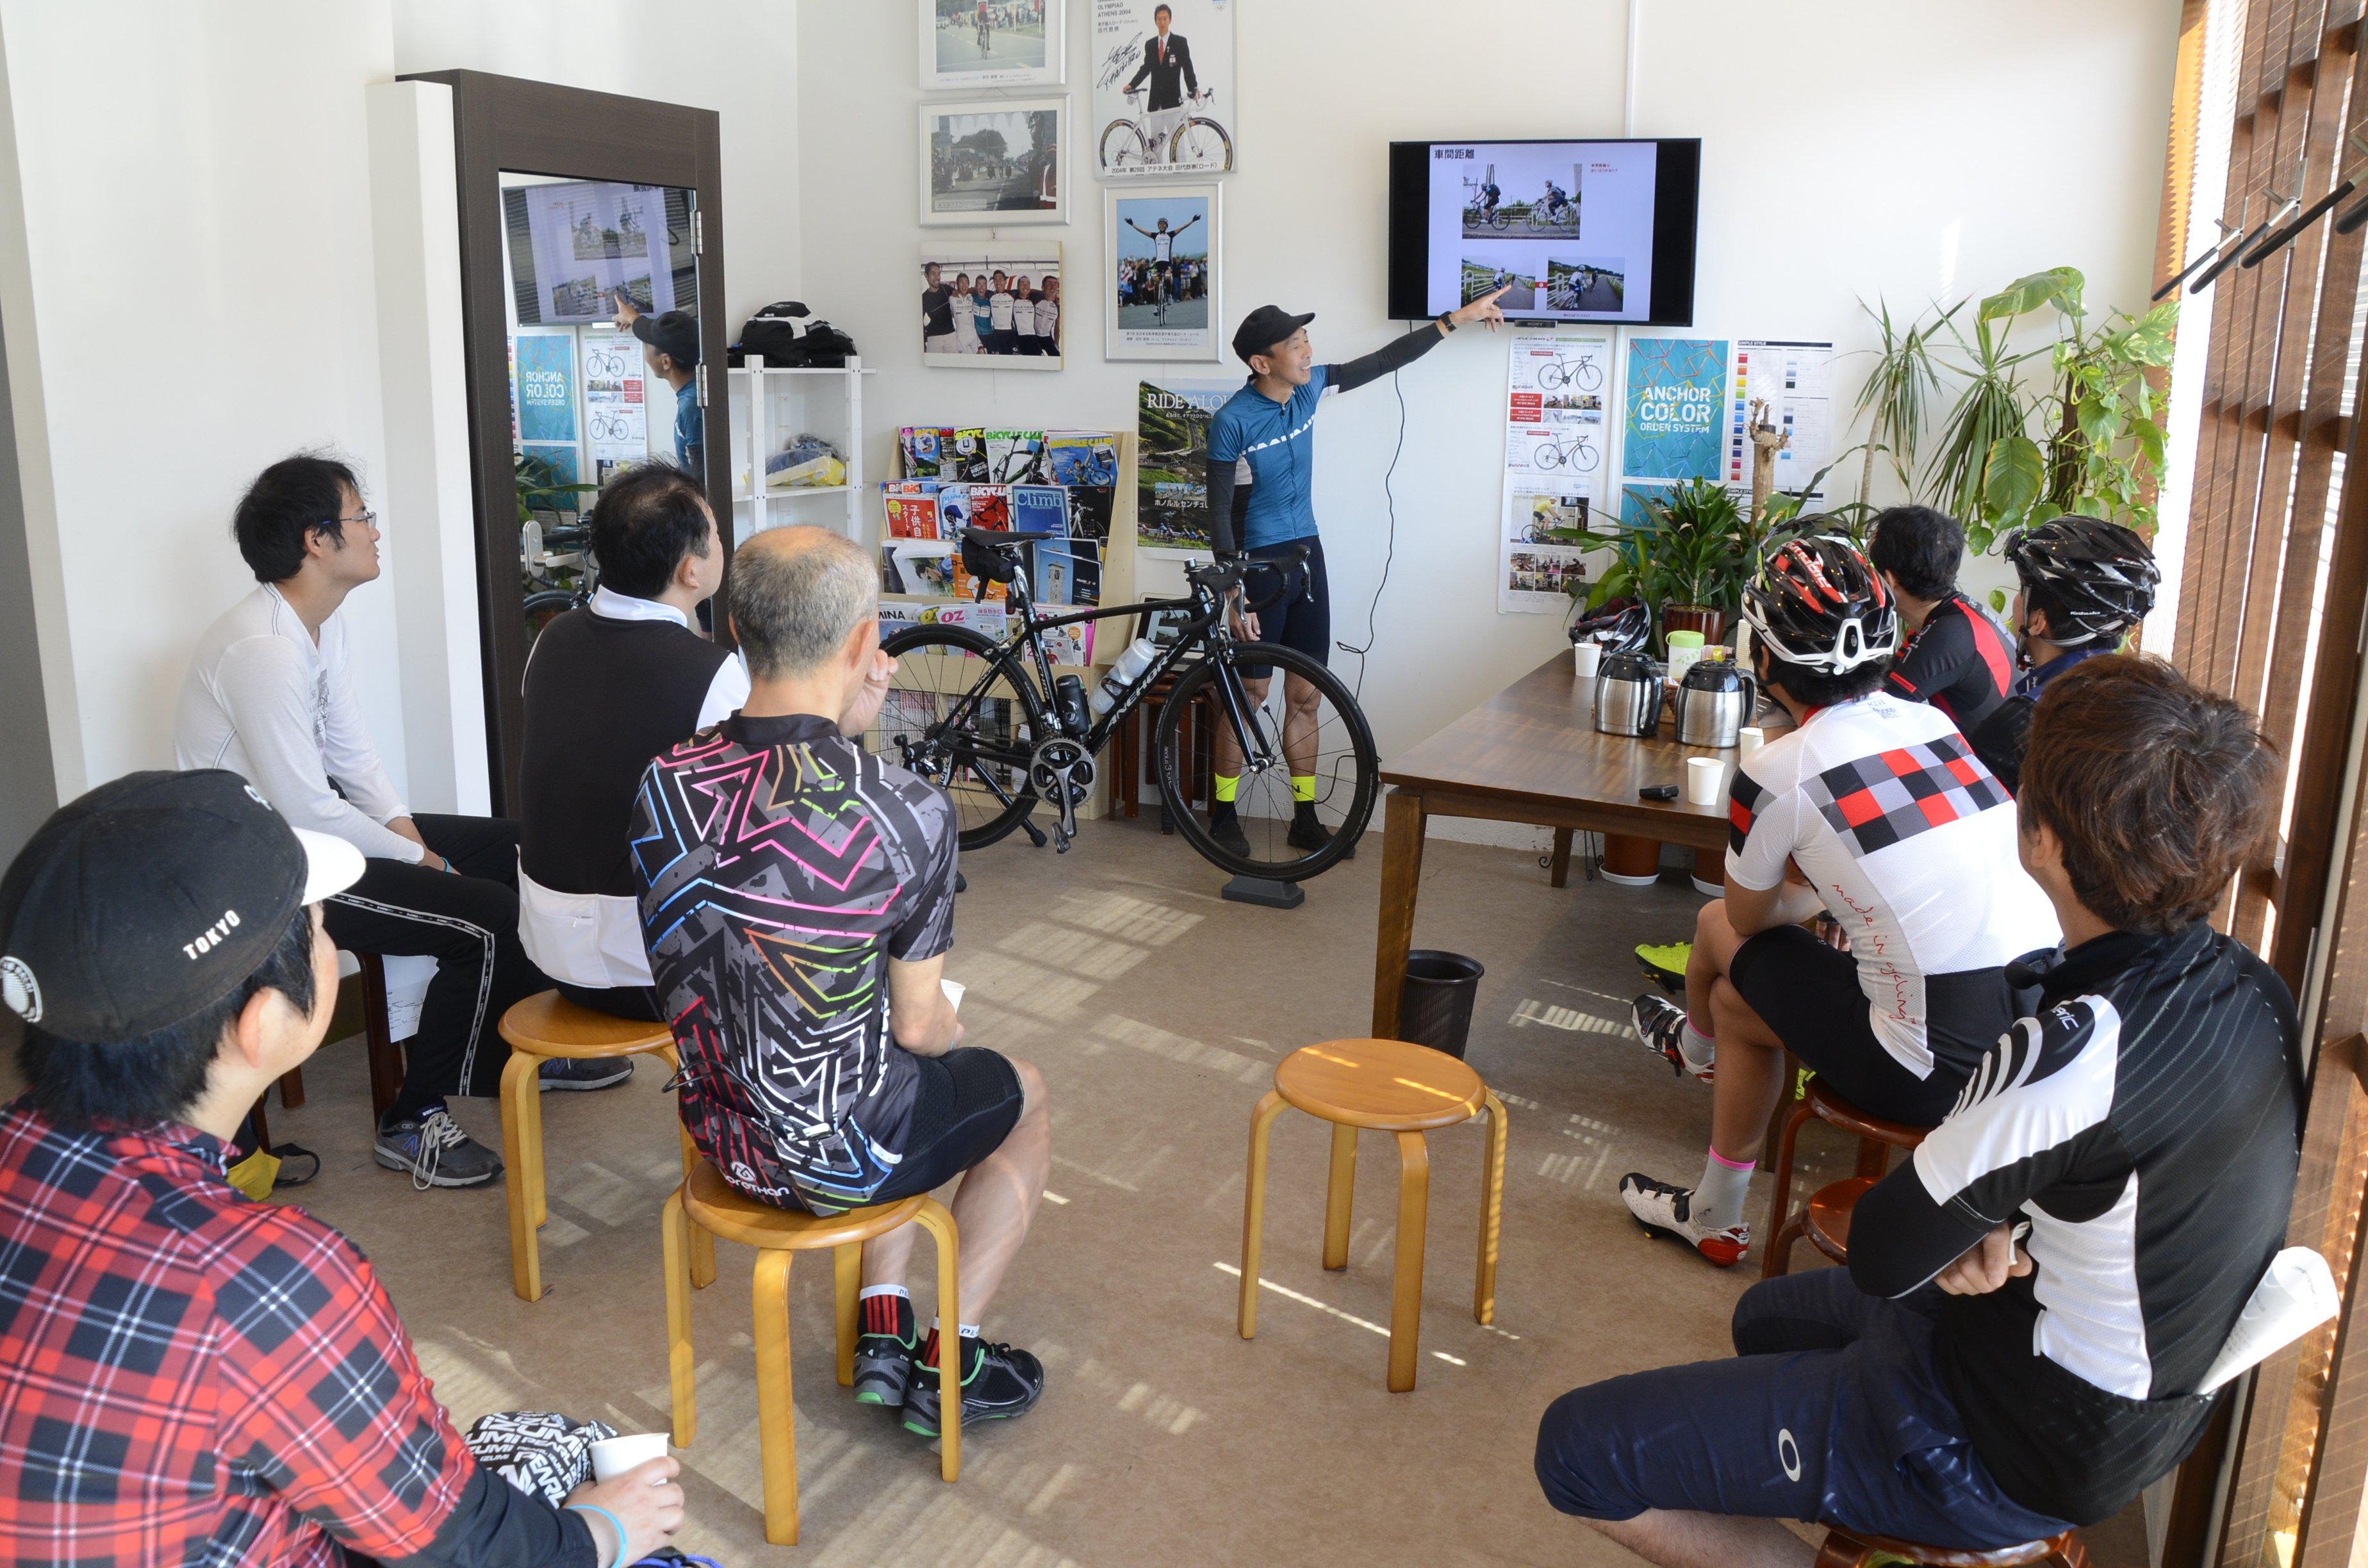 【2月27日土曜】午前の部・中級!! 中級スポーツサイクリング20km ヒルクライム基礎 参加費 午前8時から のイメージその5